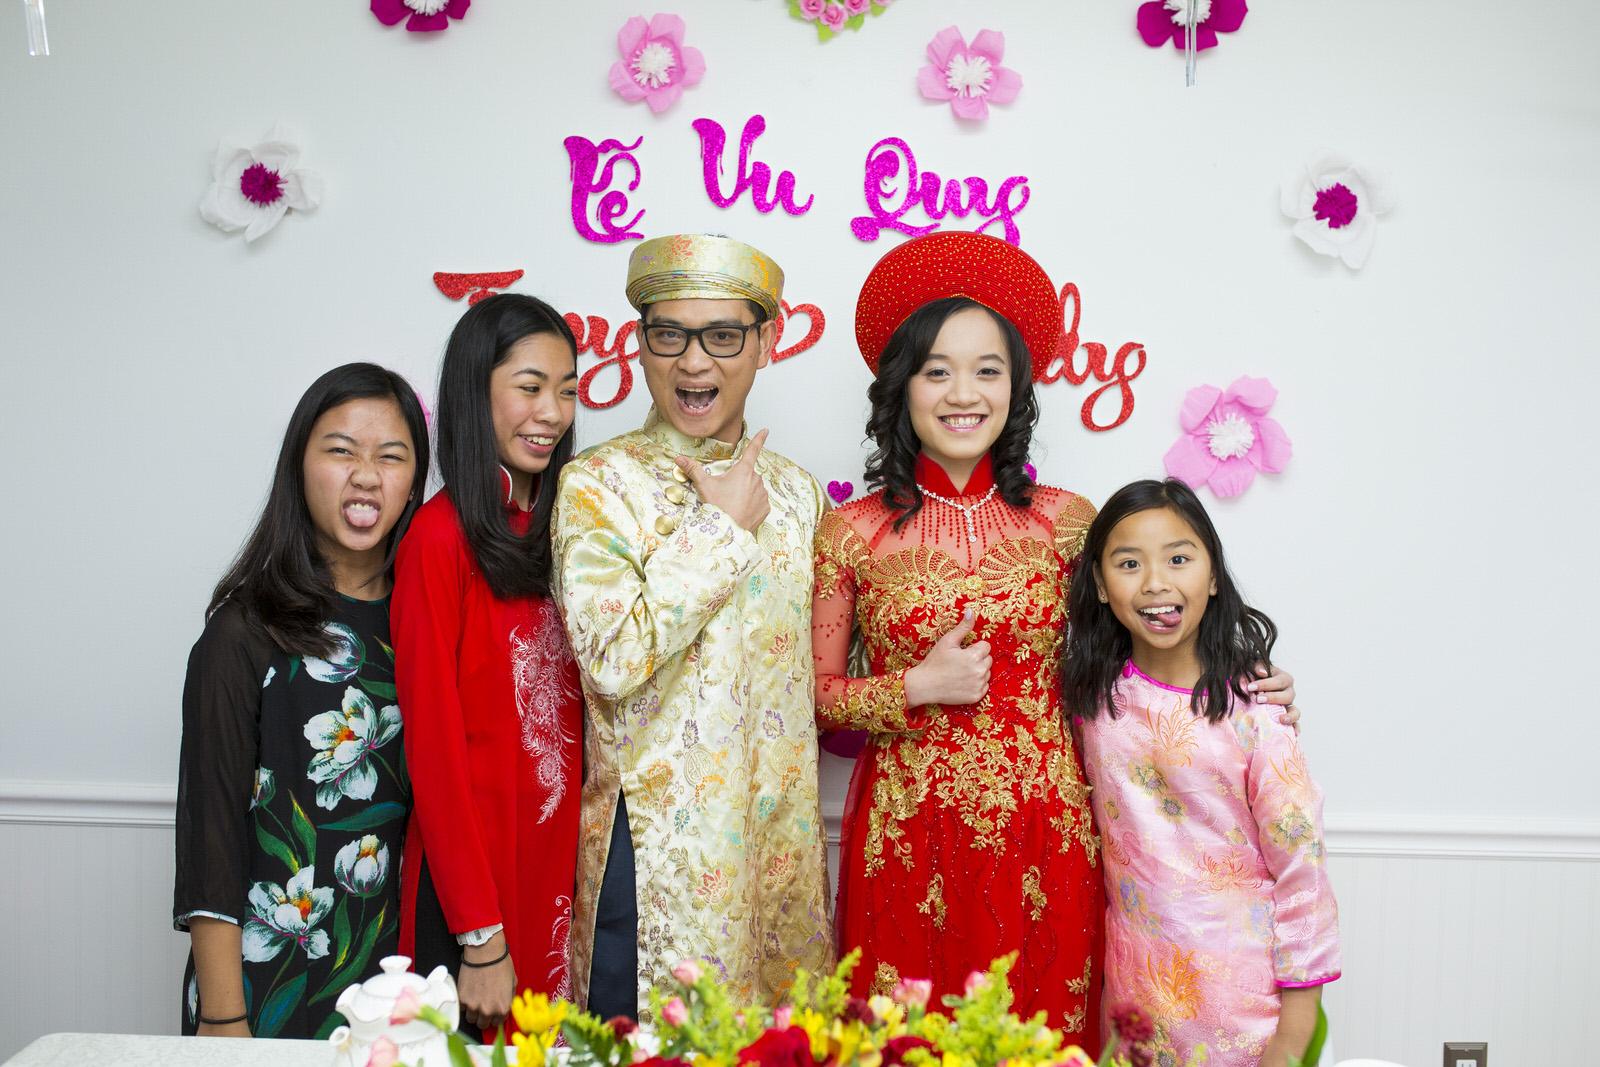 Thanh & Linh_415.JPG